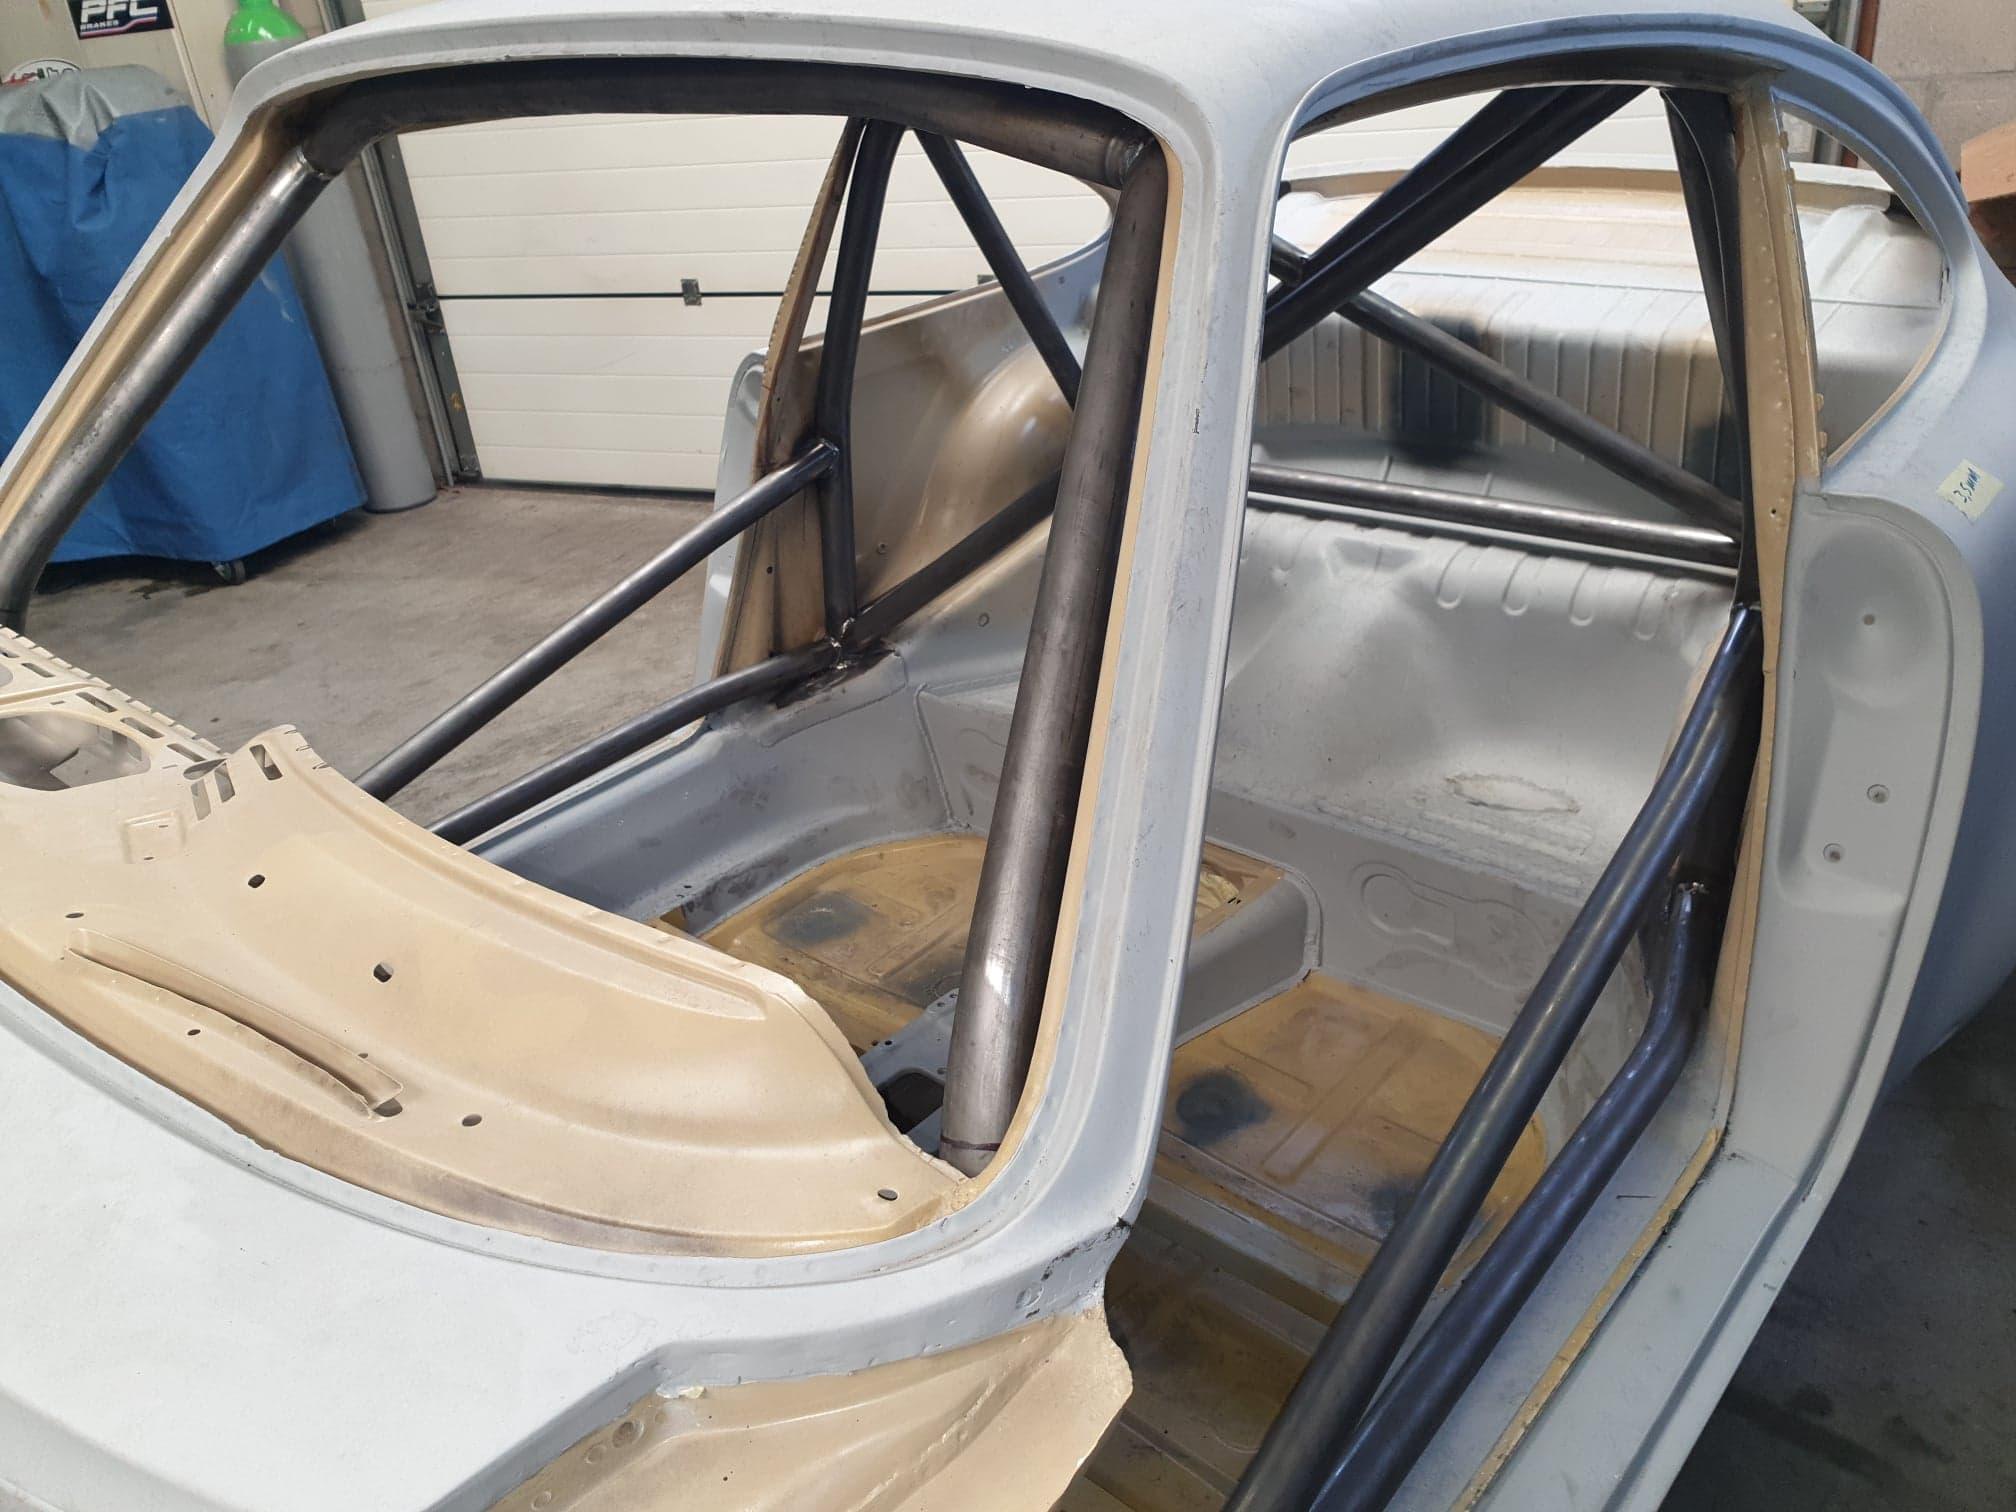 Porsche 911 Historisch Van Rolkooi Voorzien, Met Certificering.